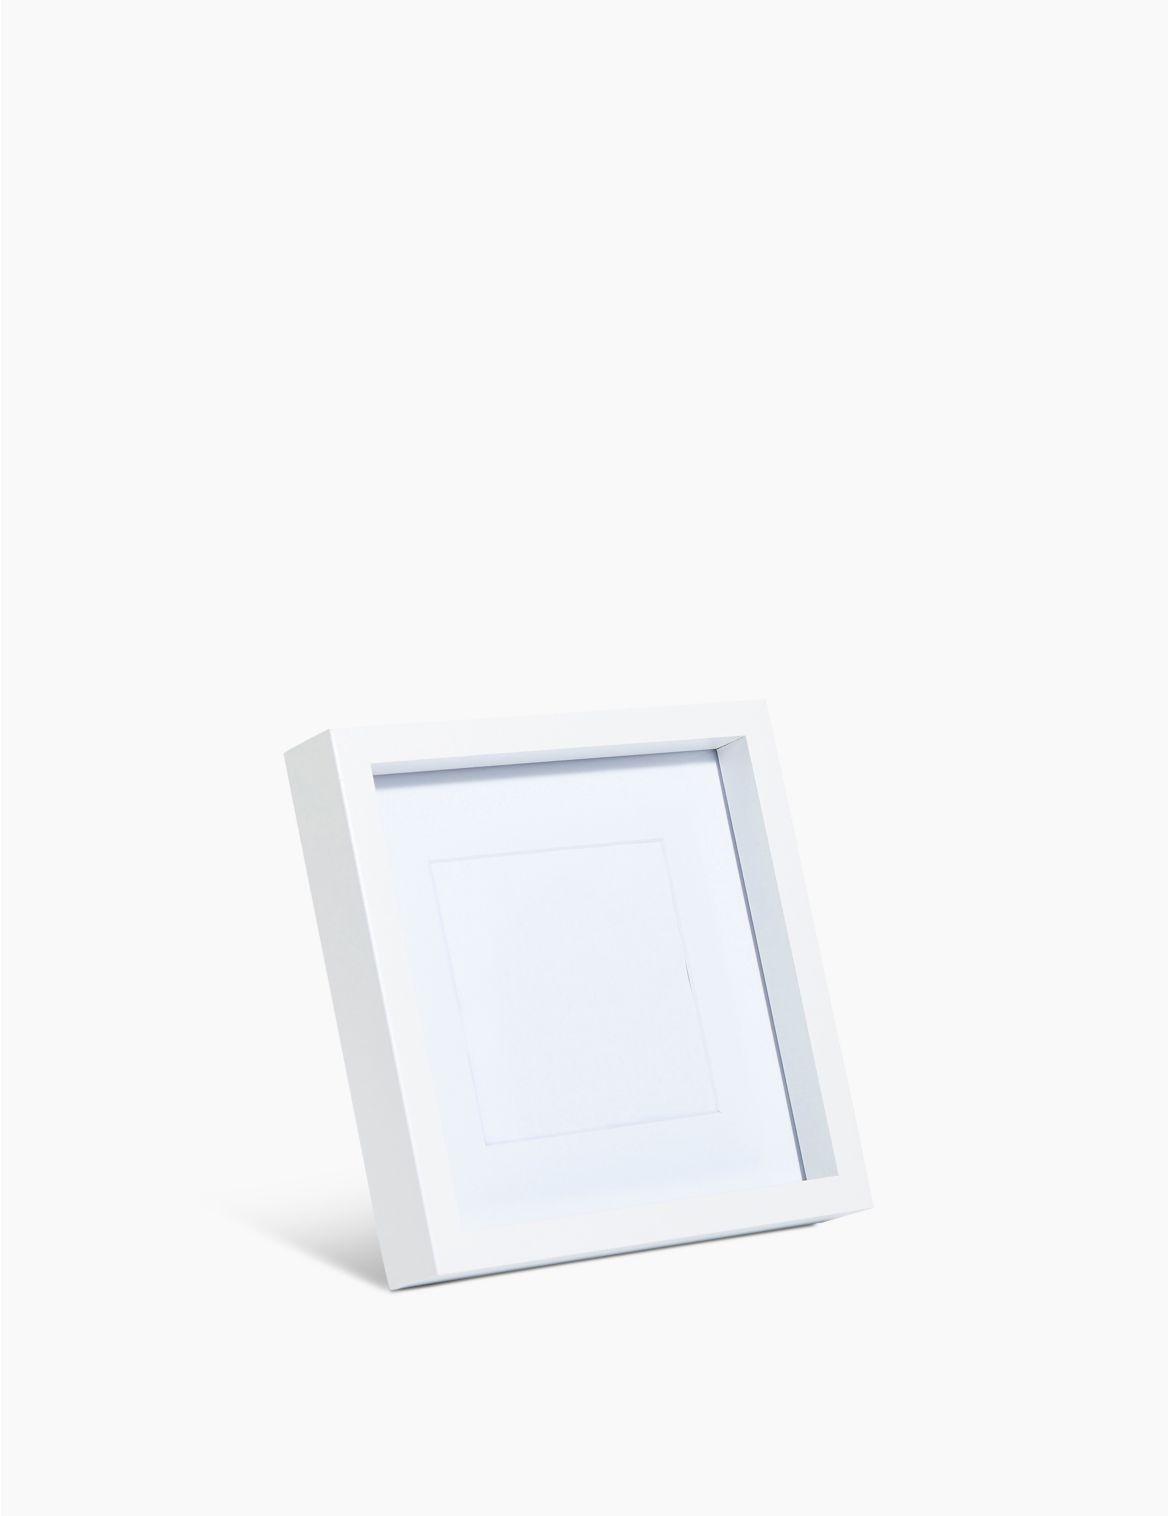 Cadre photo 10 x 10cm. DimensionsHauteur:17 cm;Largeur:17 cm;Profondeur:2.9 cm;Poids:0.33 kg;Fiche produitImage avec cadre: 10 x 10&